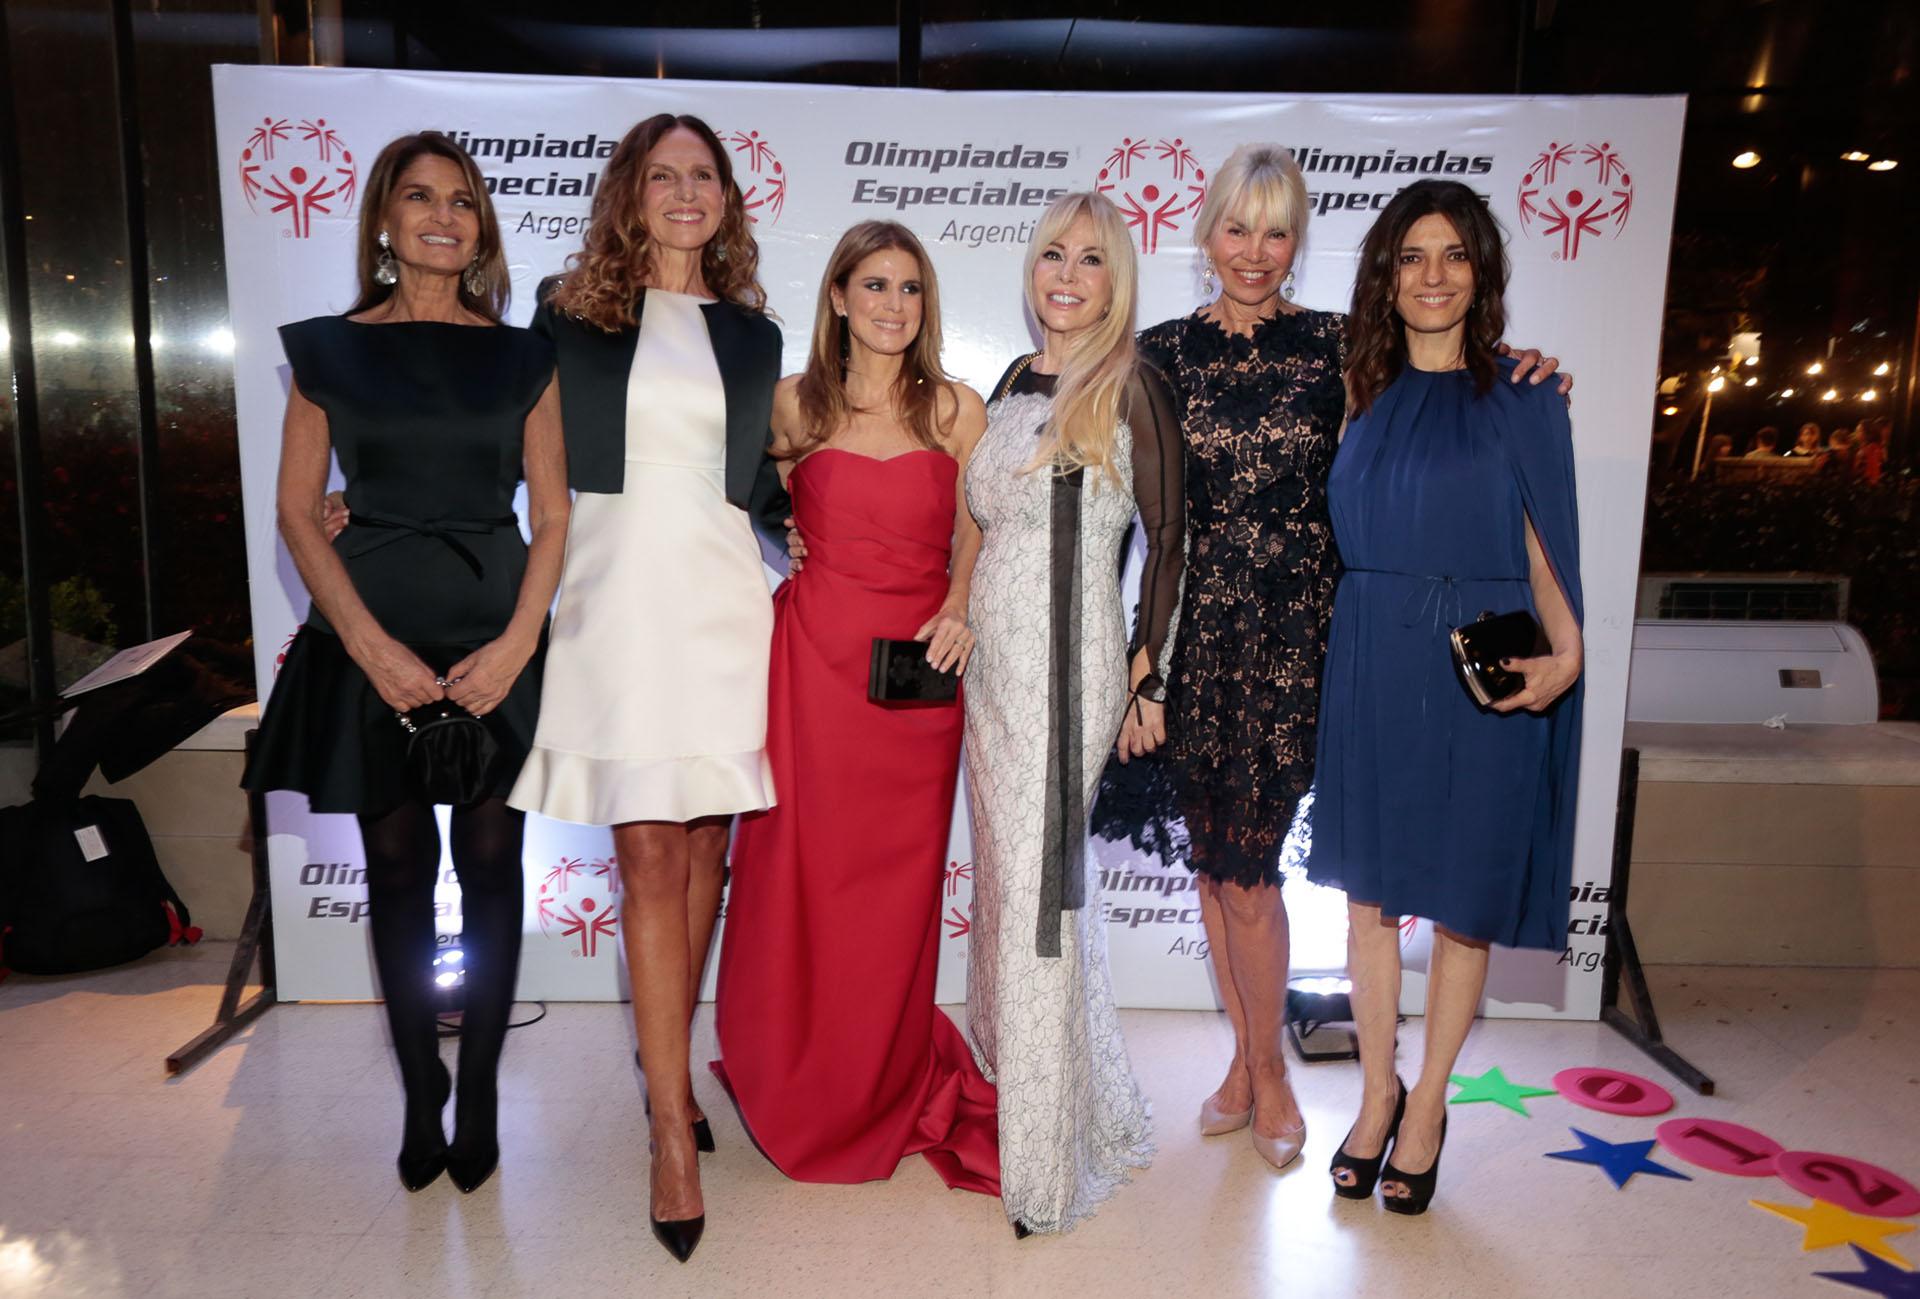 Teresa Calandra, Ginette Reynal, Flavia Palmiero, Graciela Alfano, Delfina Frers y María Socas